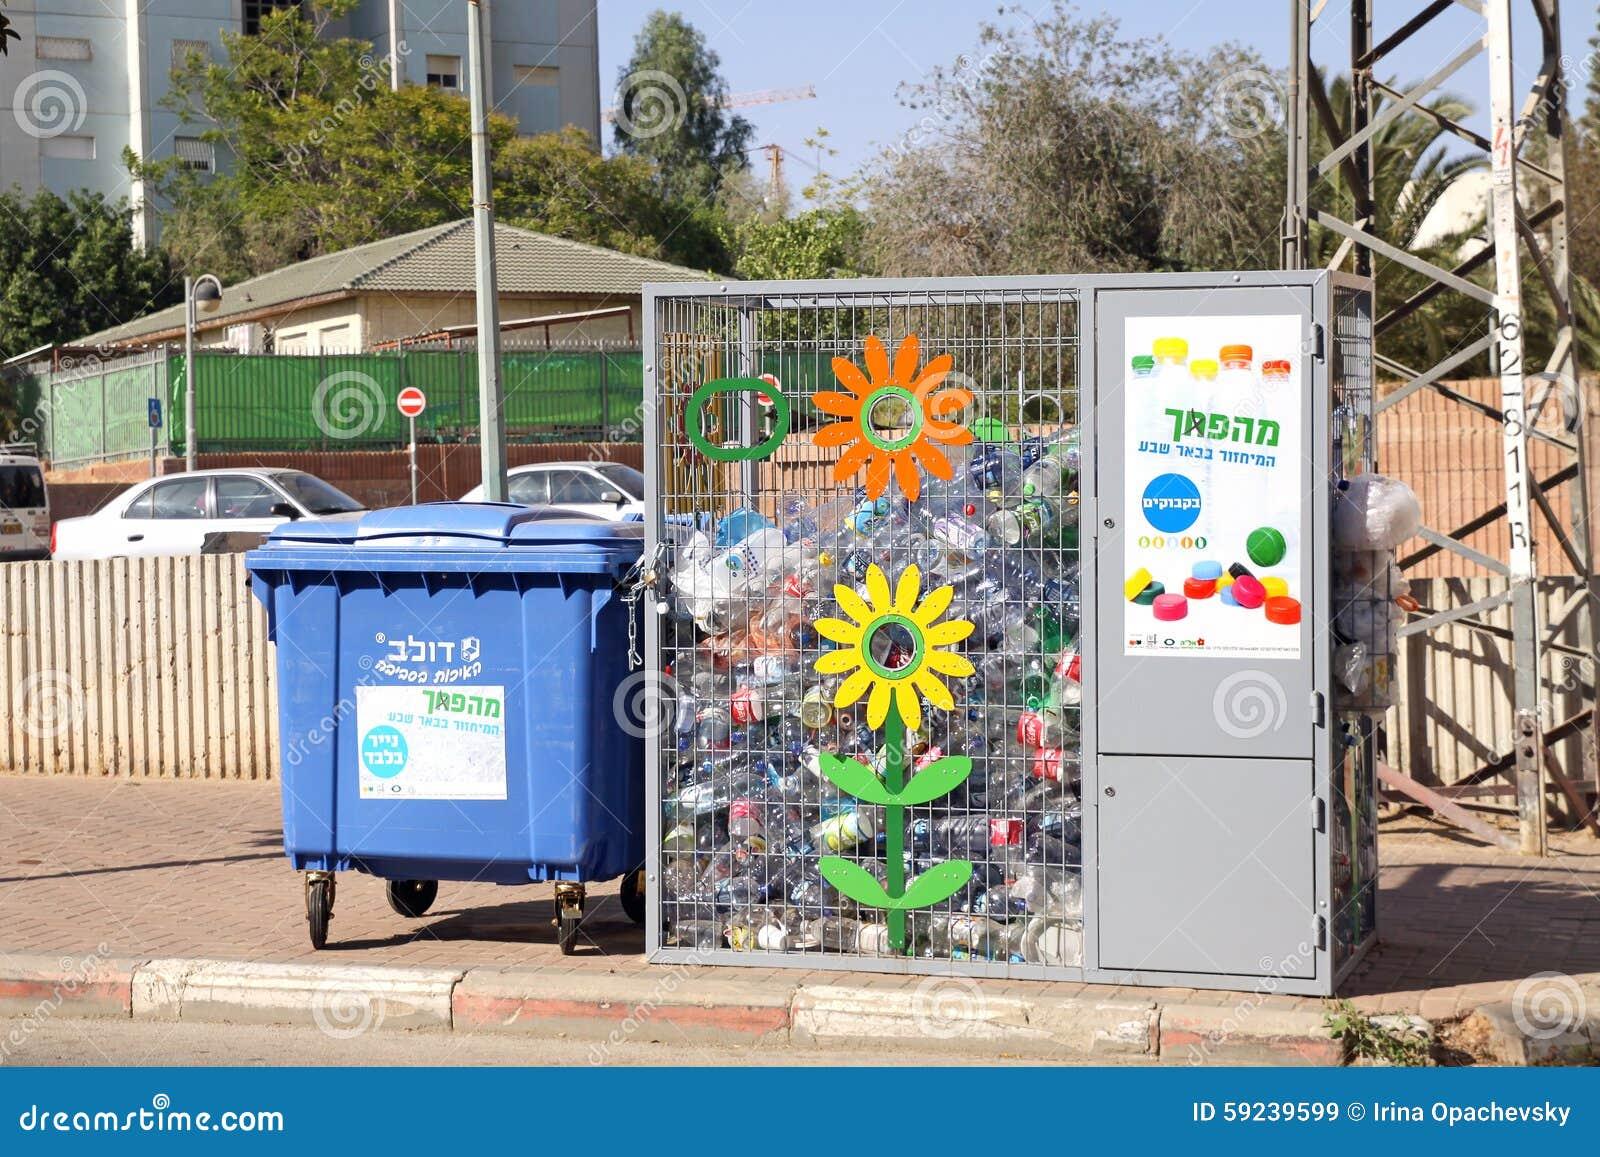 Download Envases Para La Recogida De Residuos Separada Imagen de archivo editorial - Imagen de sentido, secundario: 59239599